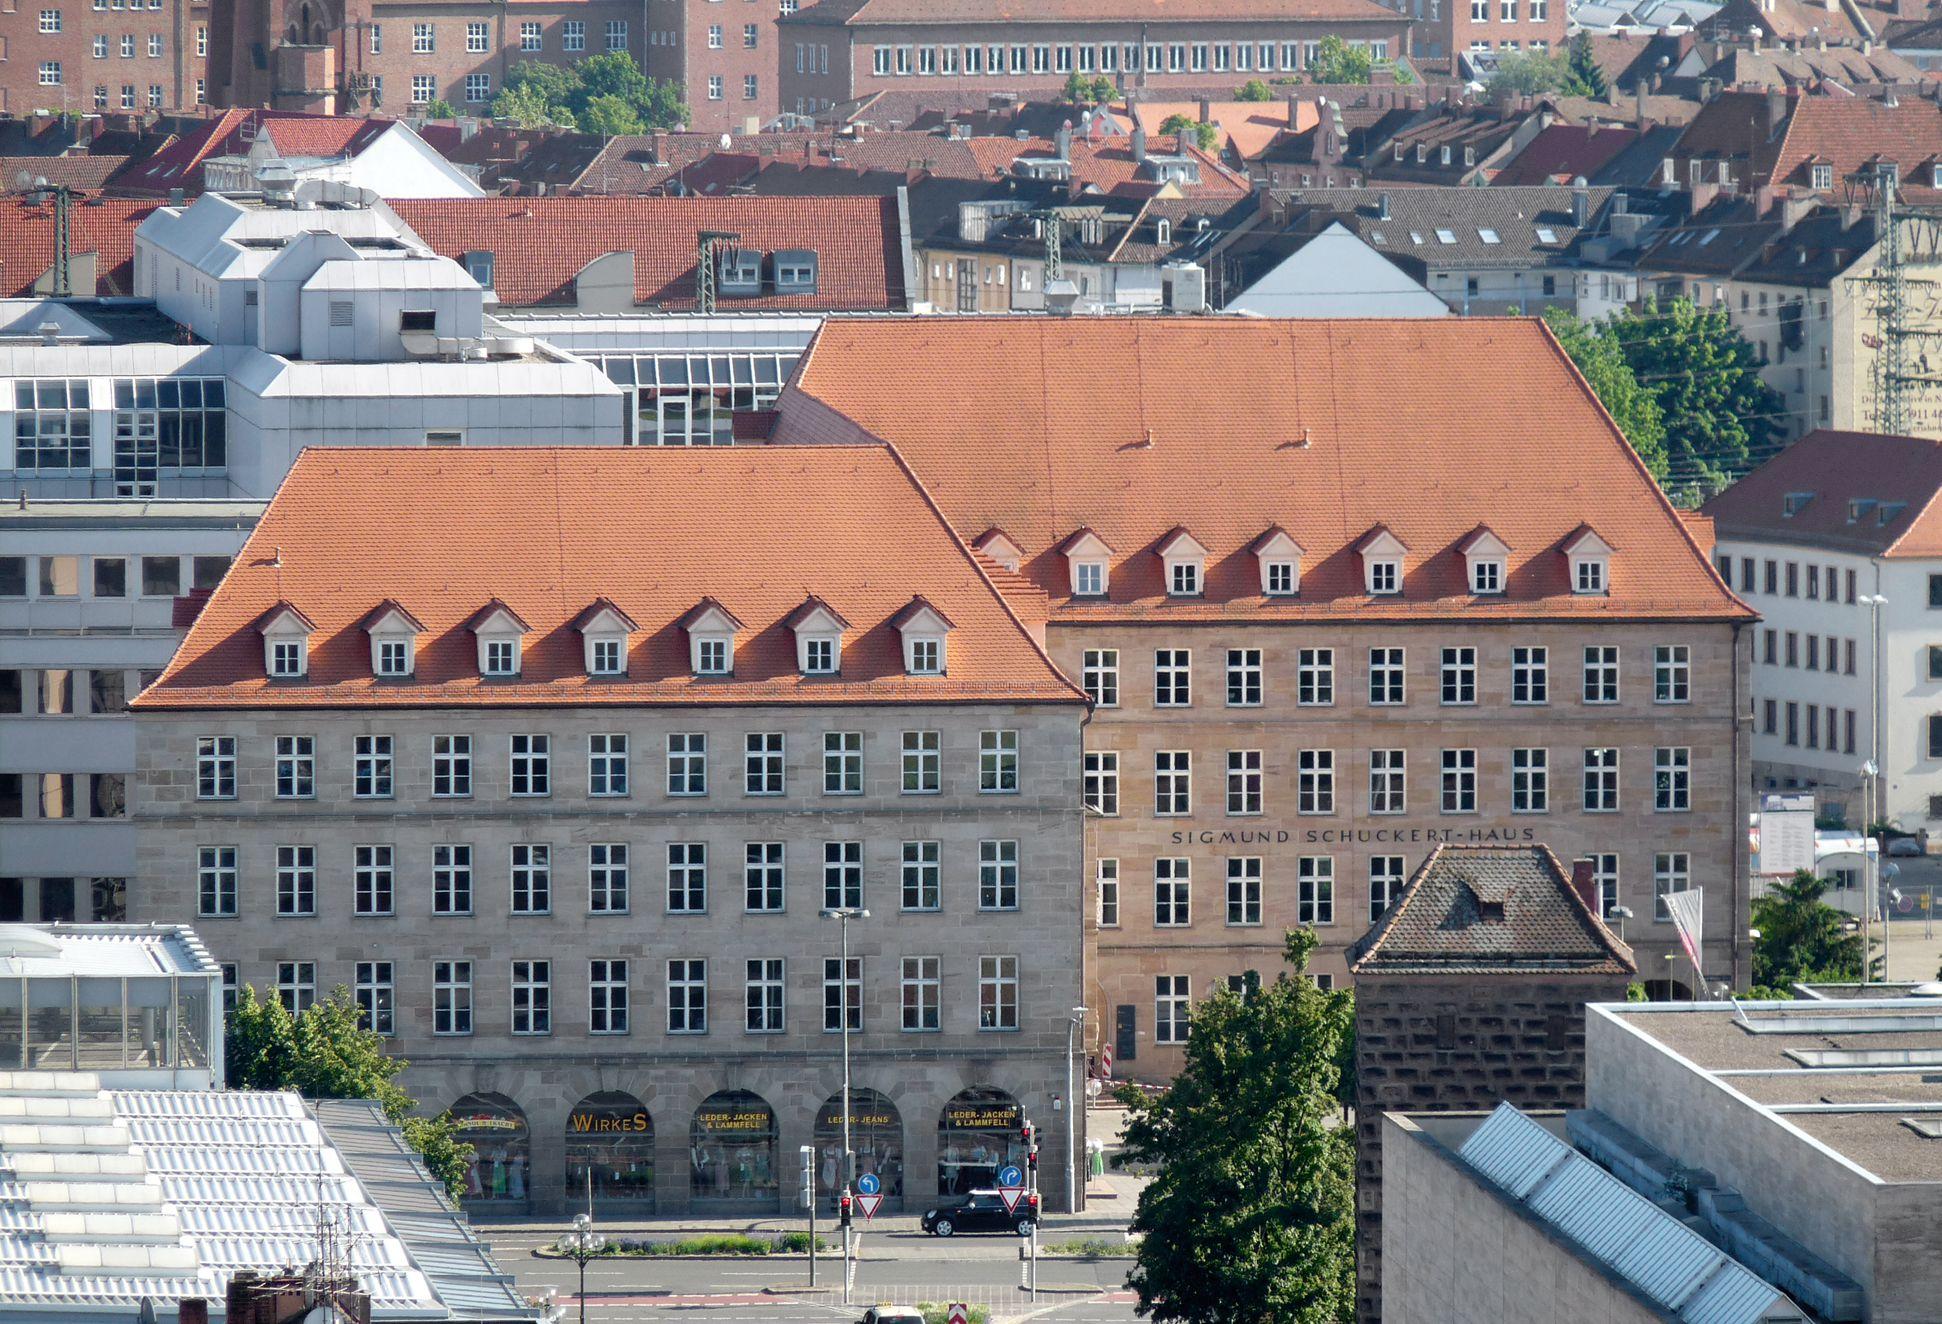 Sigmund Schuckert-Haus Gesamtansicht von Nord